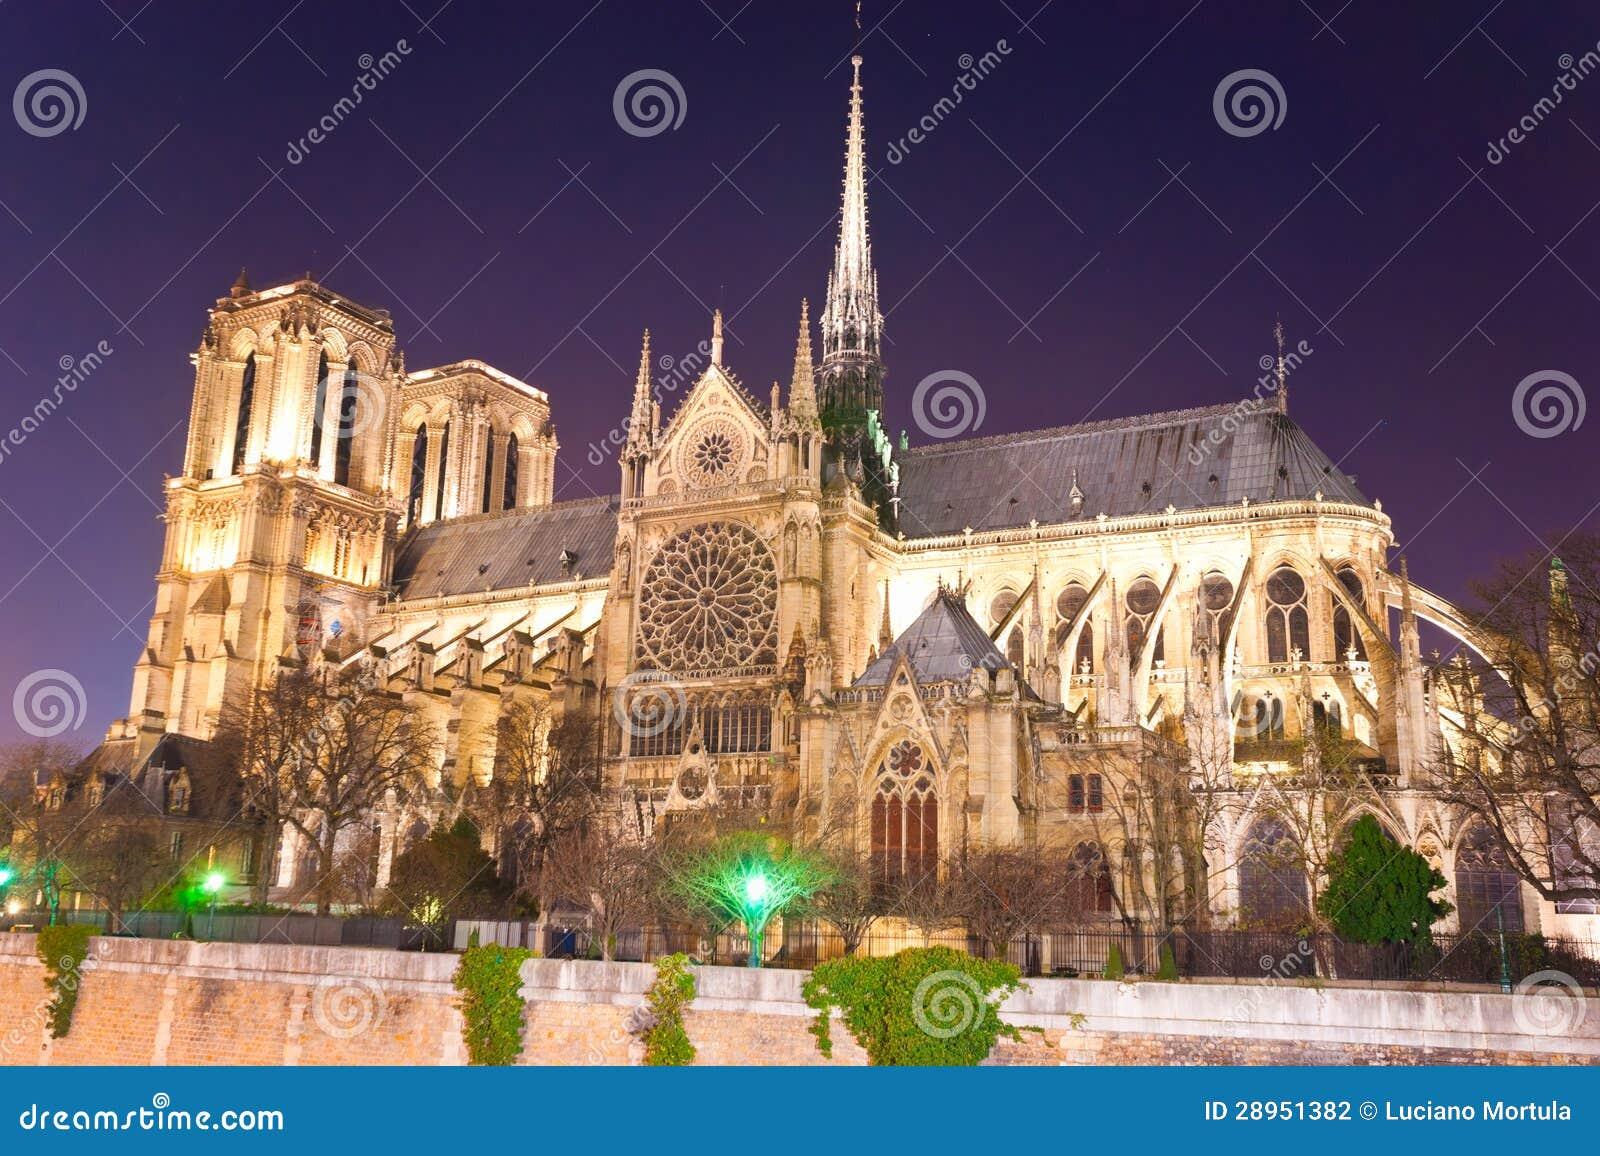 Notre paniusia De Paryż, Francja.